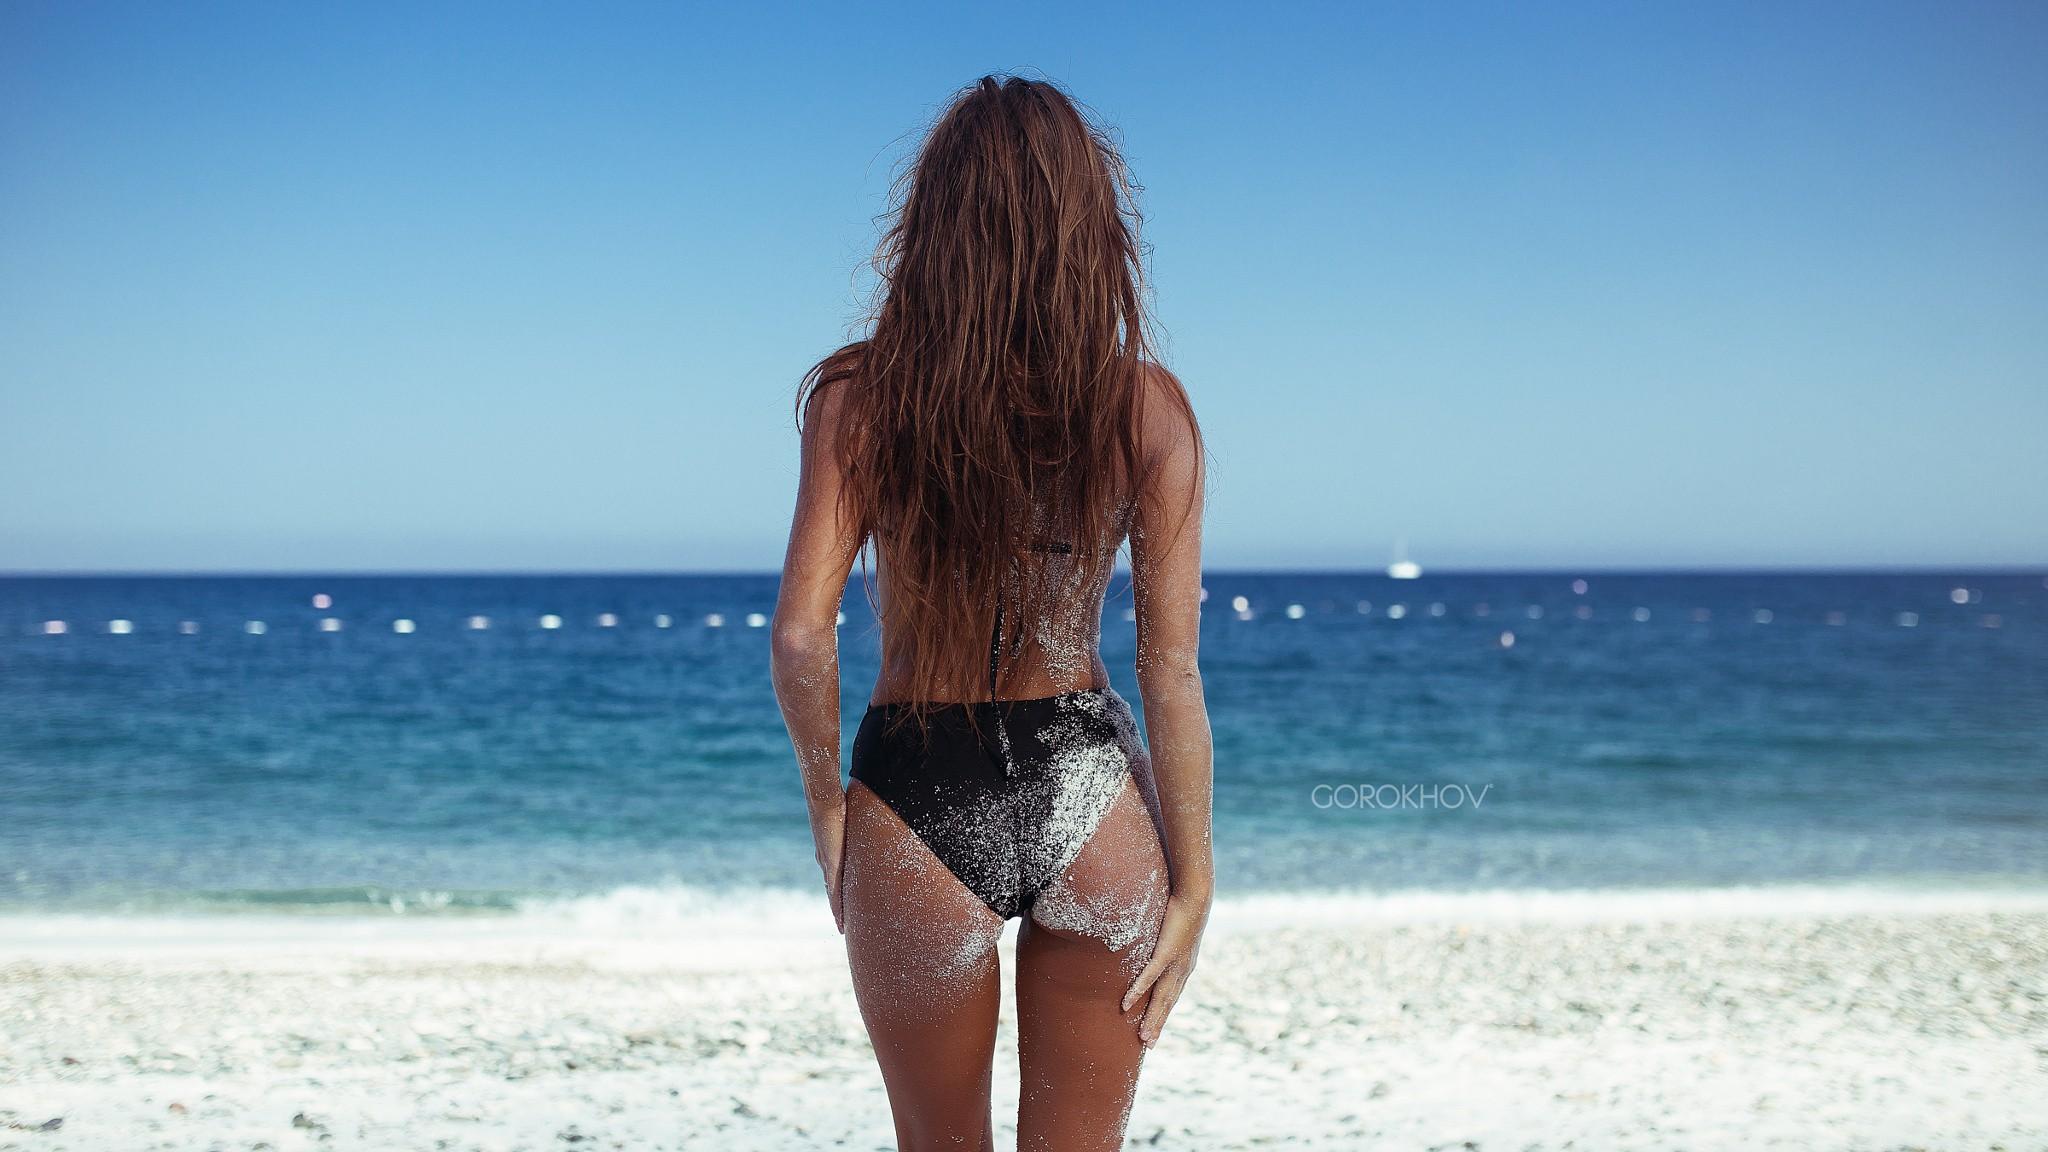 Arsch am strand